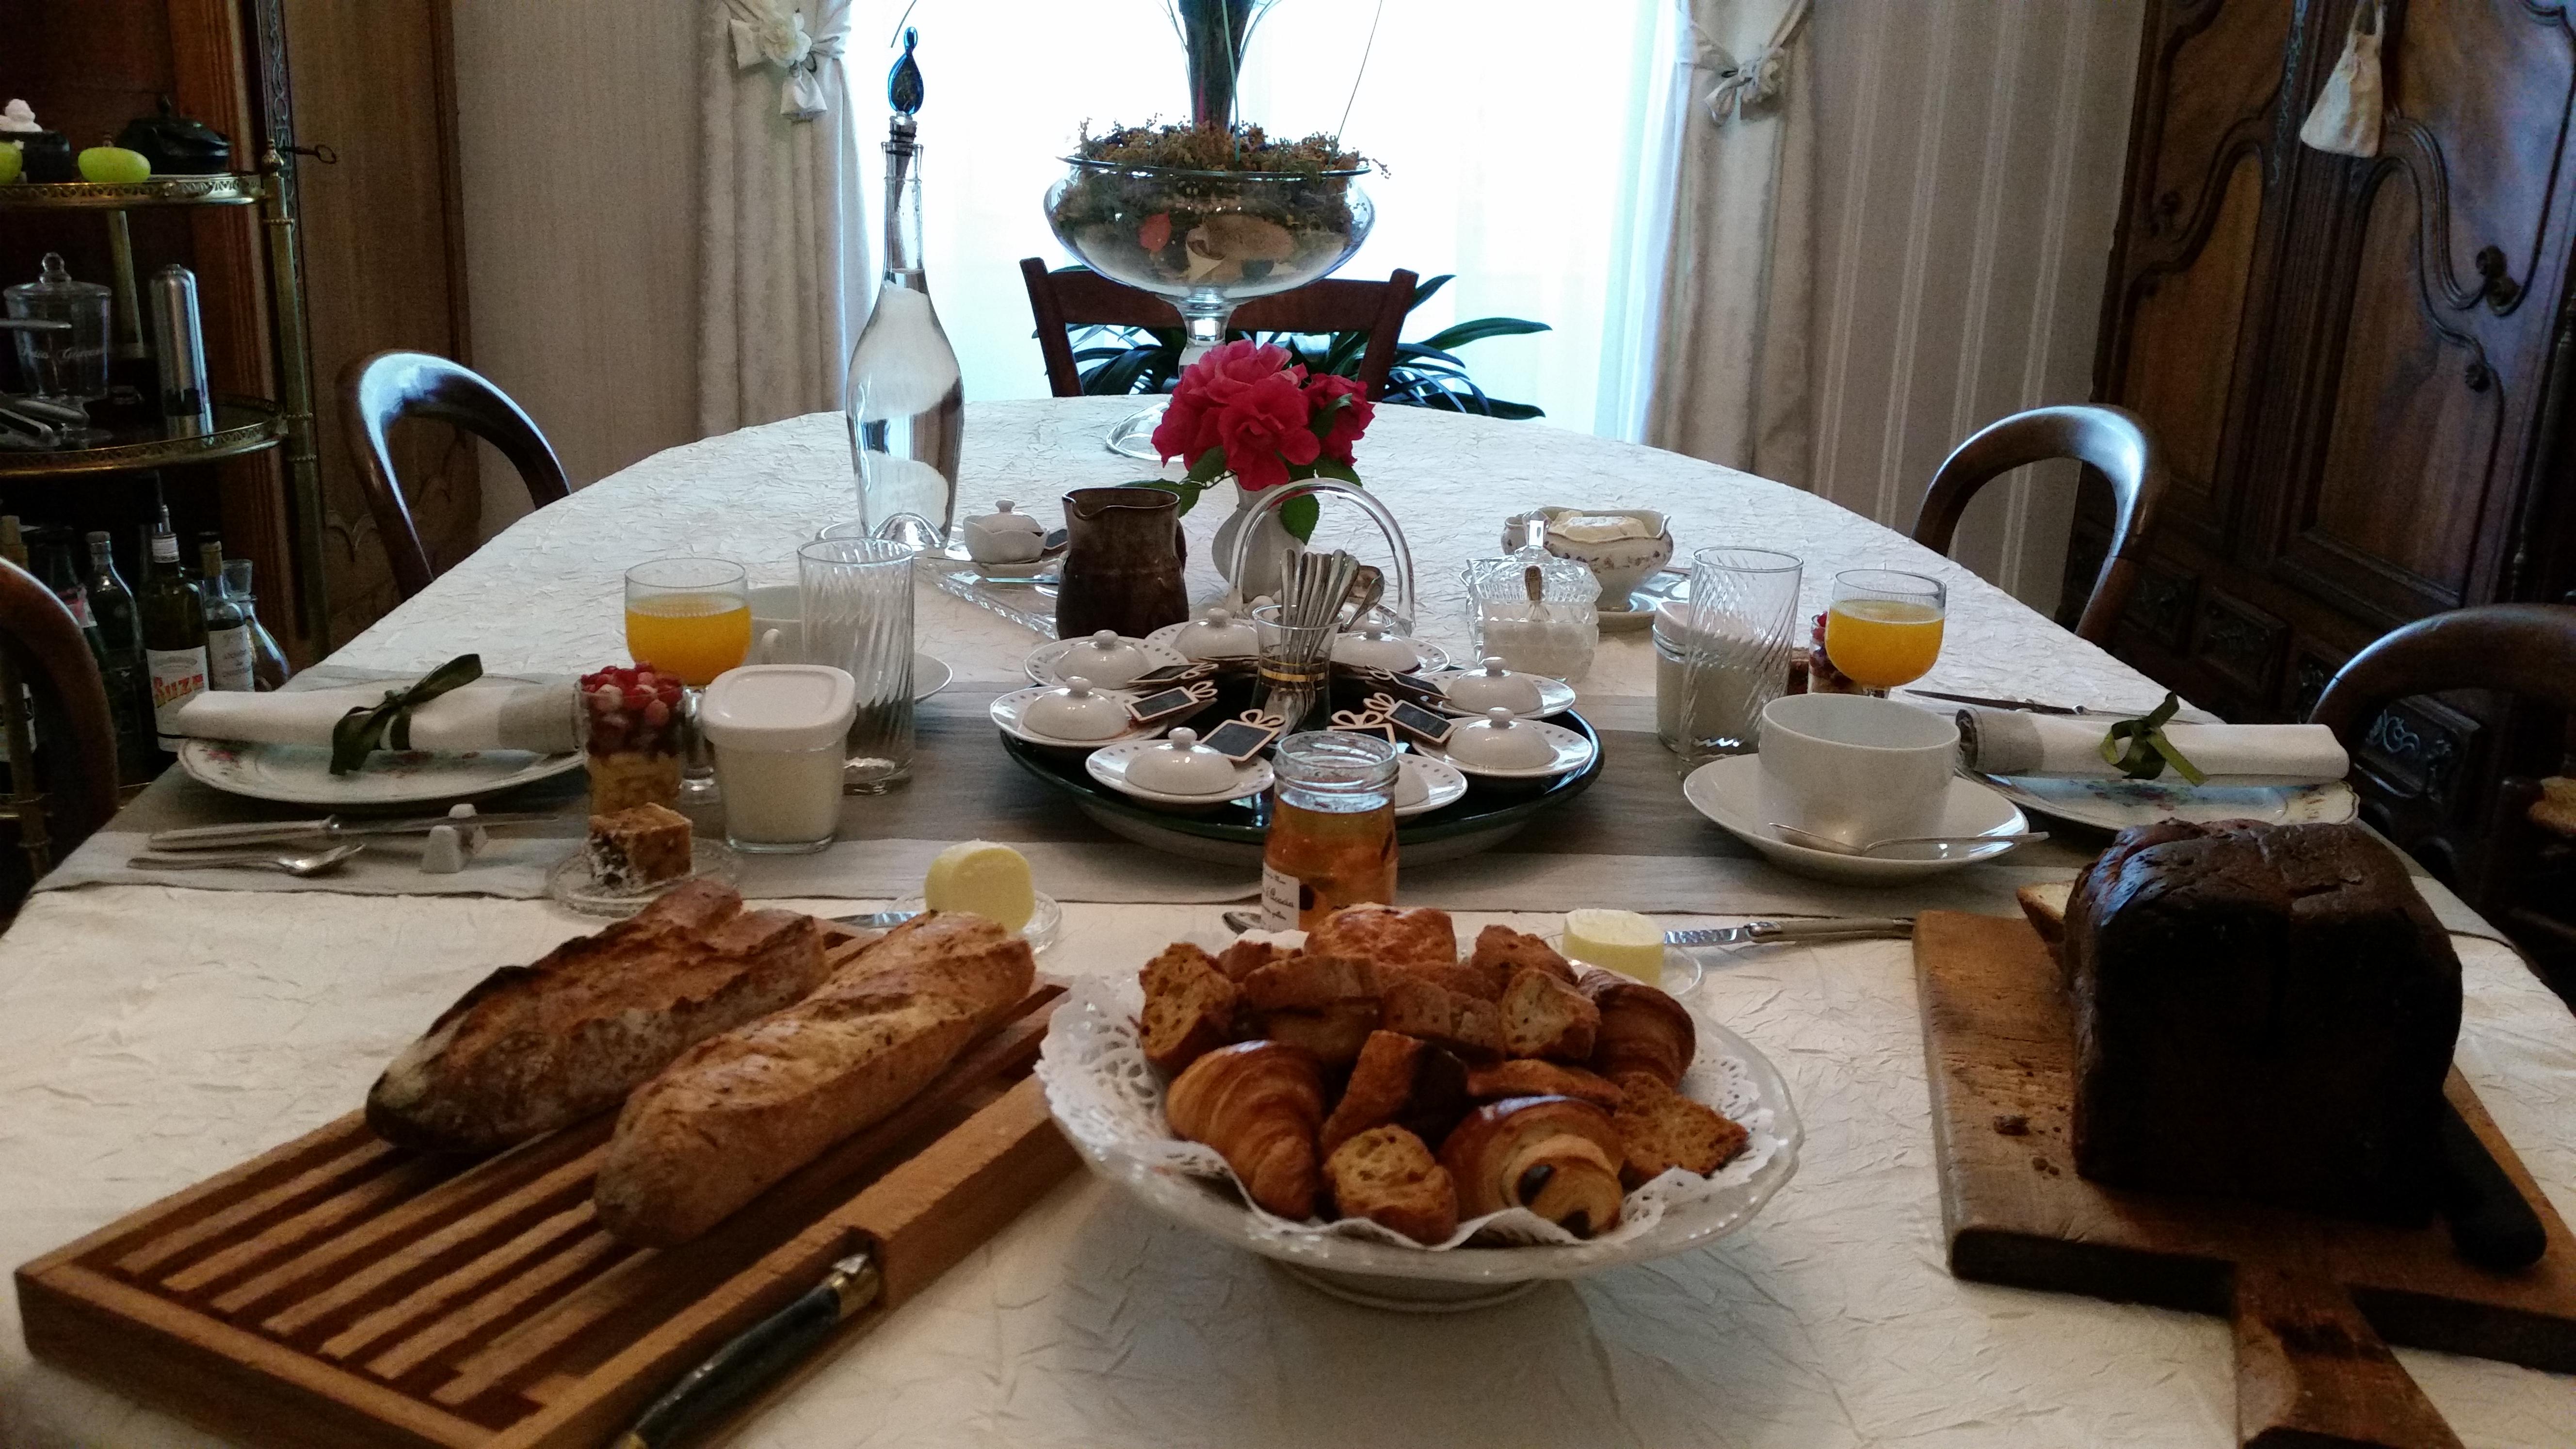 La table du petit-déjeuner